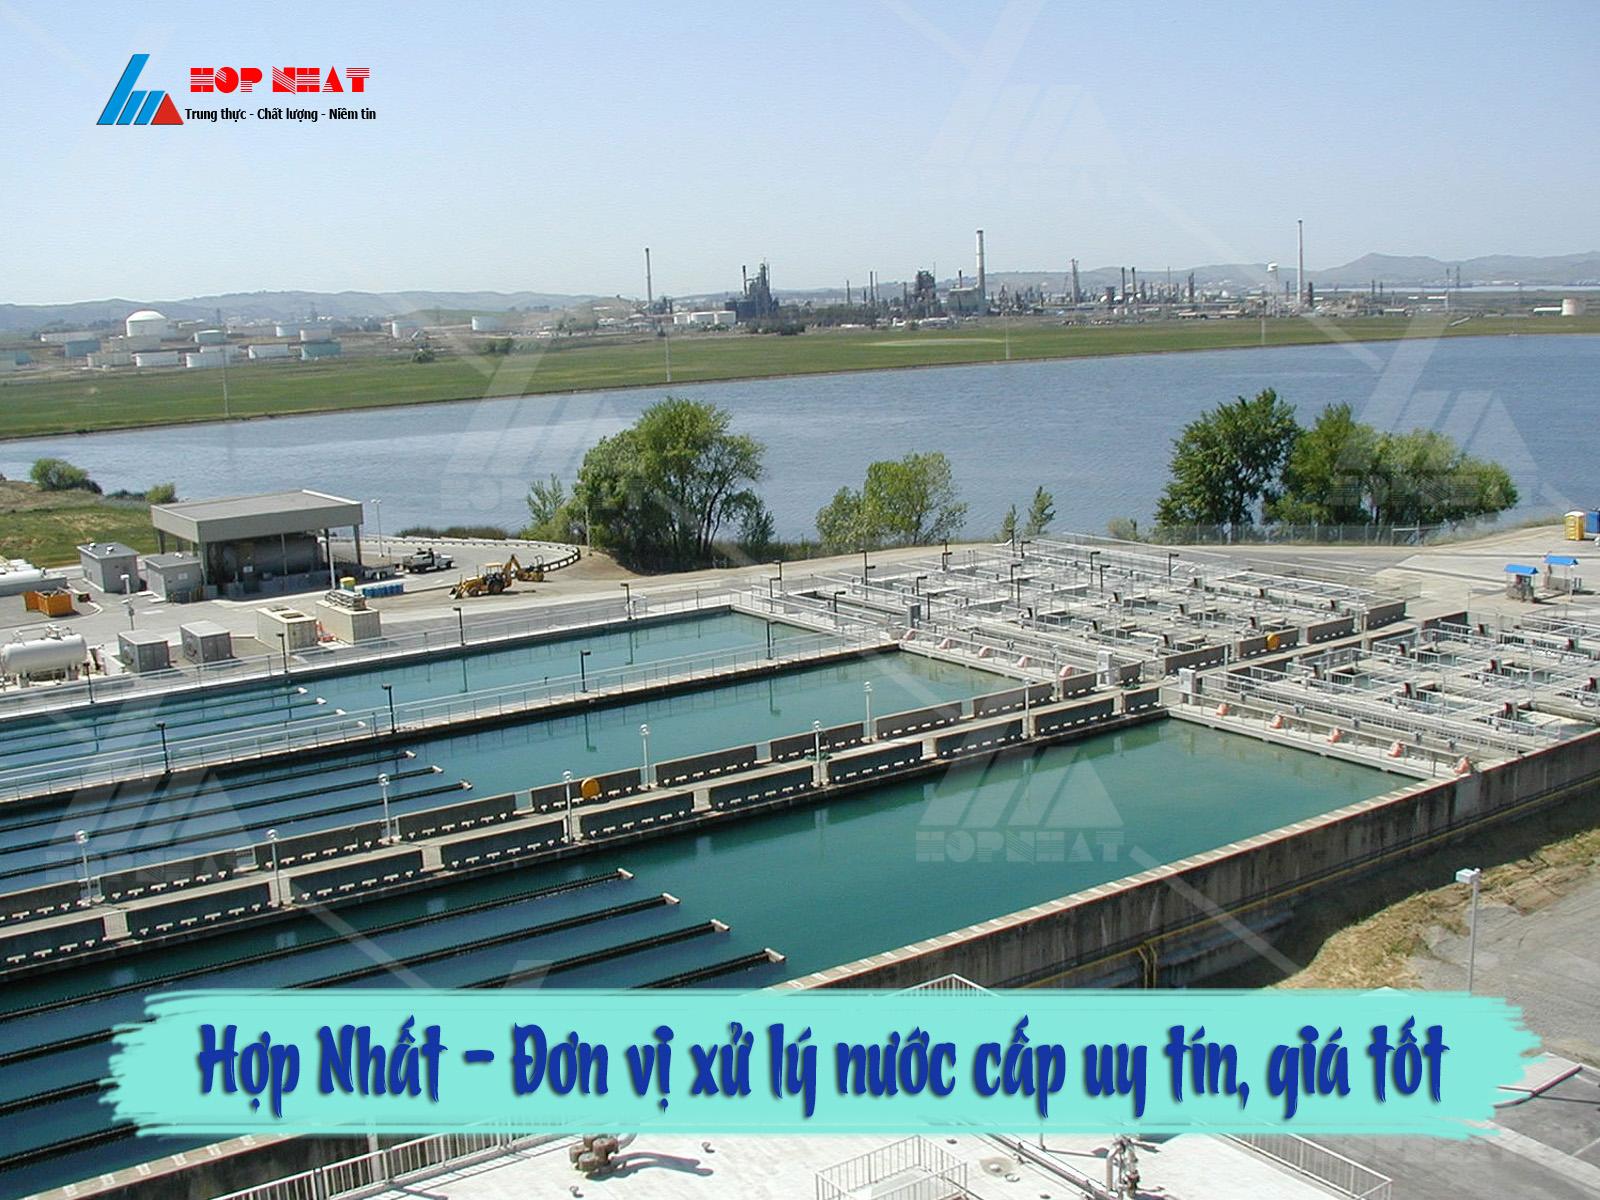 Hợp Nhất - Đơn vị xử lý nước cấp uy tín, giá tốt